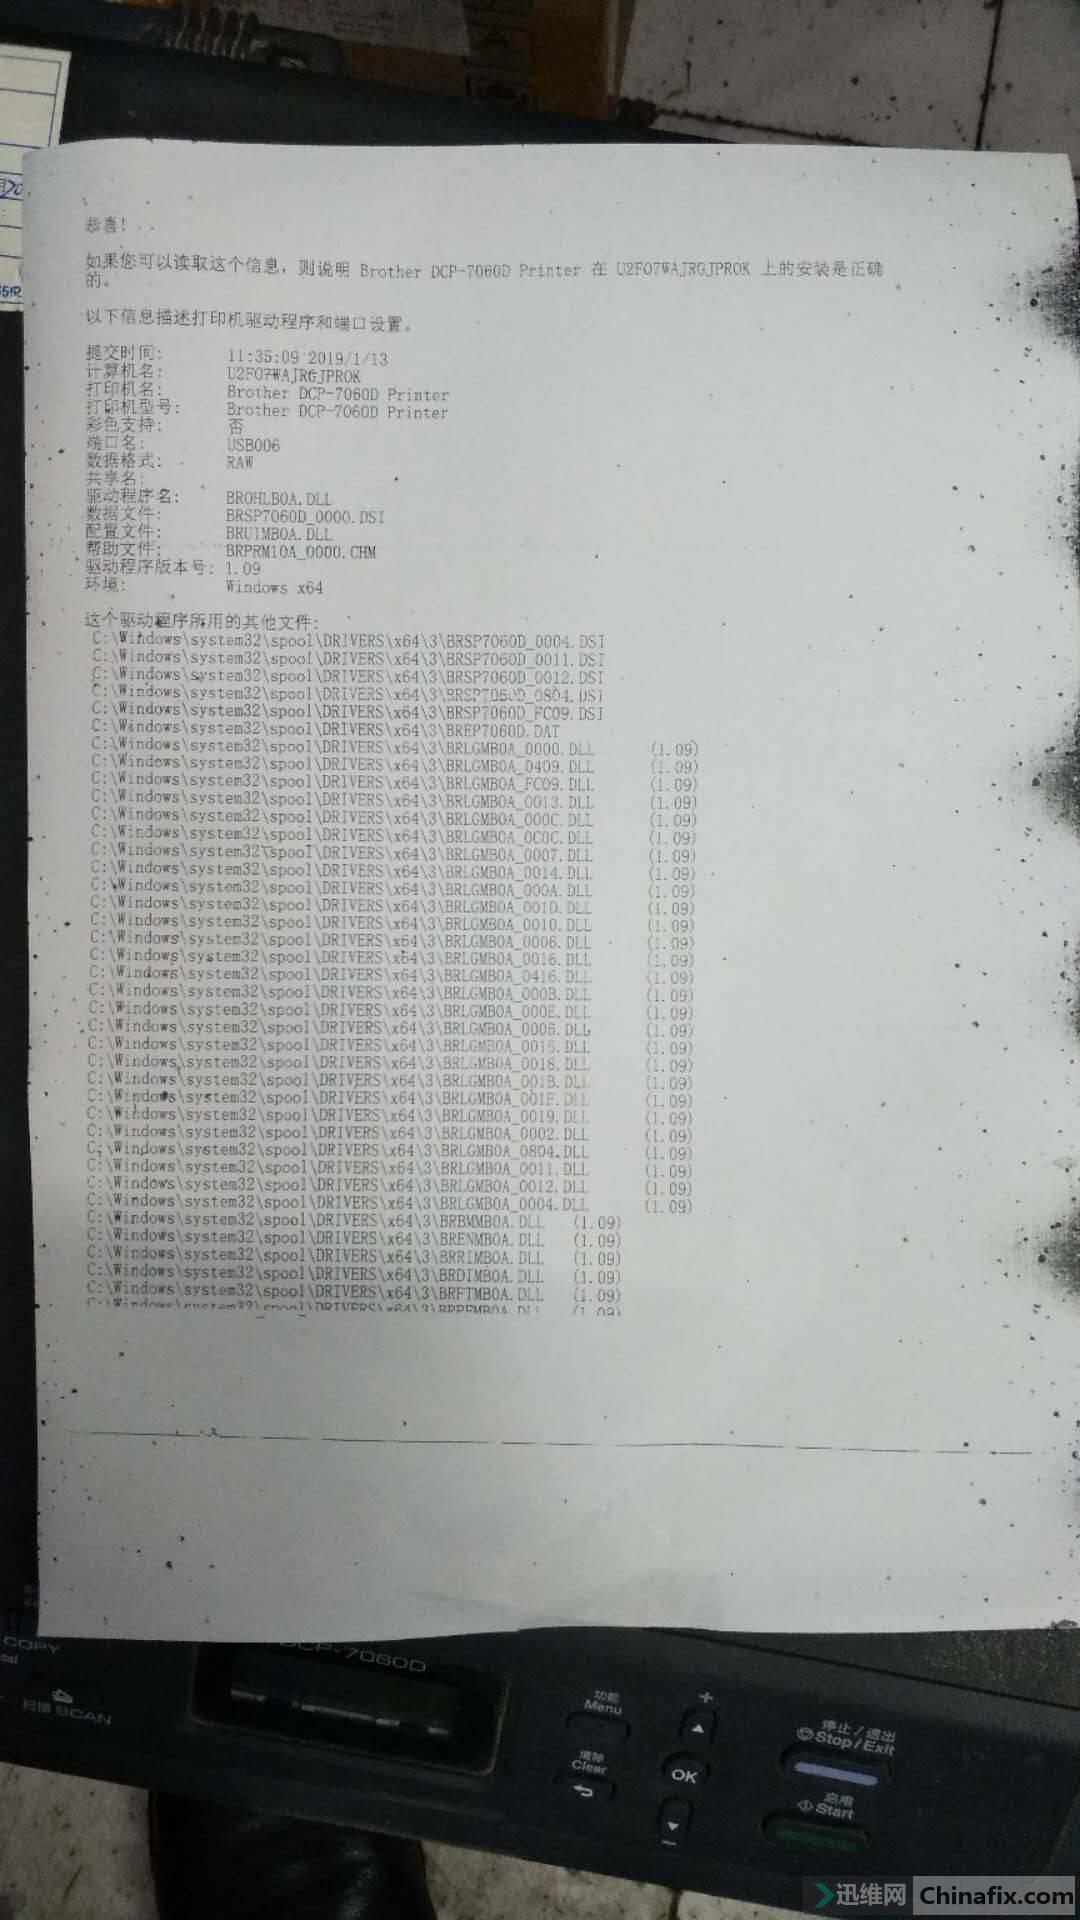 5f8c5f50097544433c1386804dd4e59.jpg